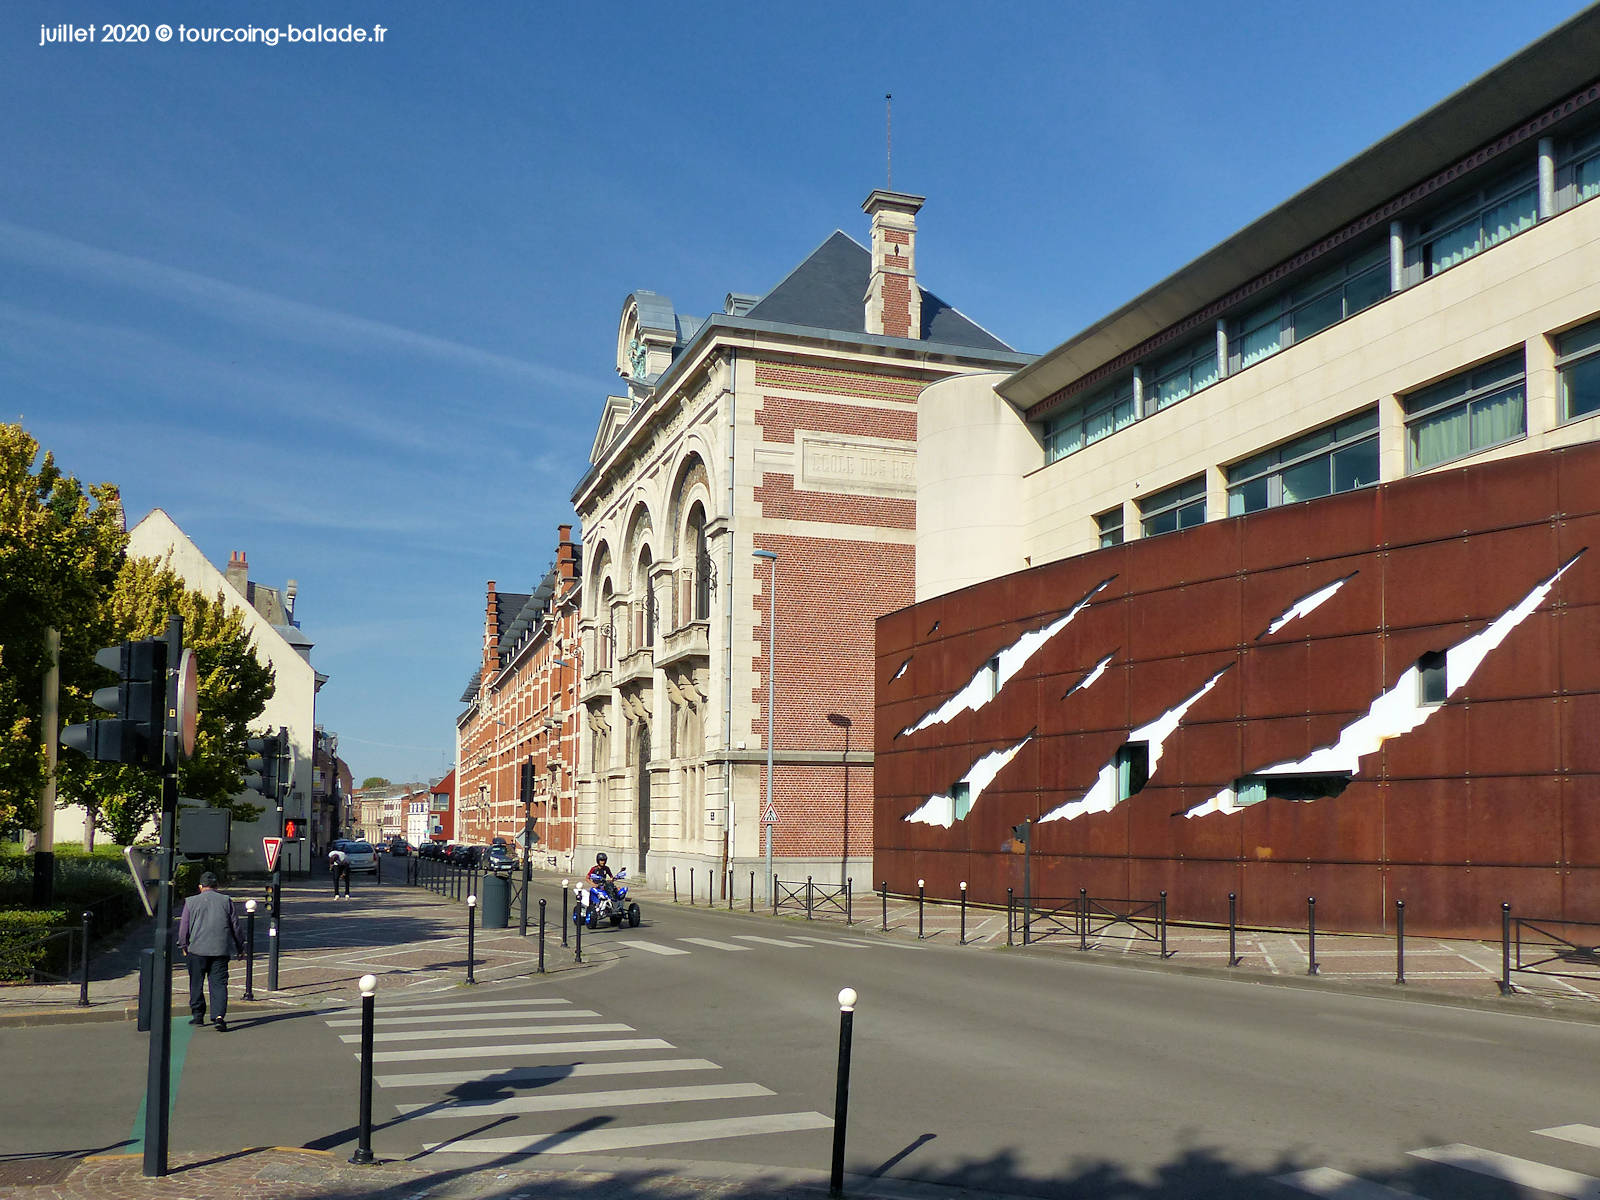 Début de la rue de Gand, Tourcoing 2020